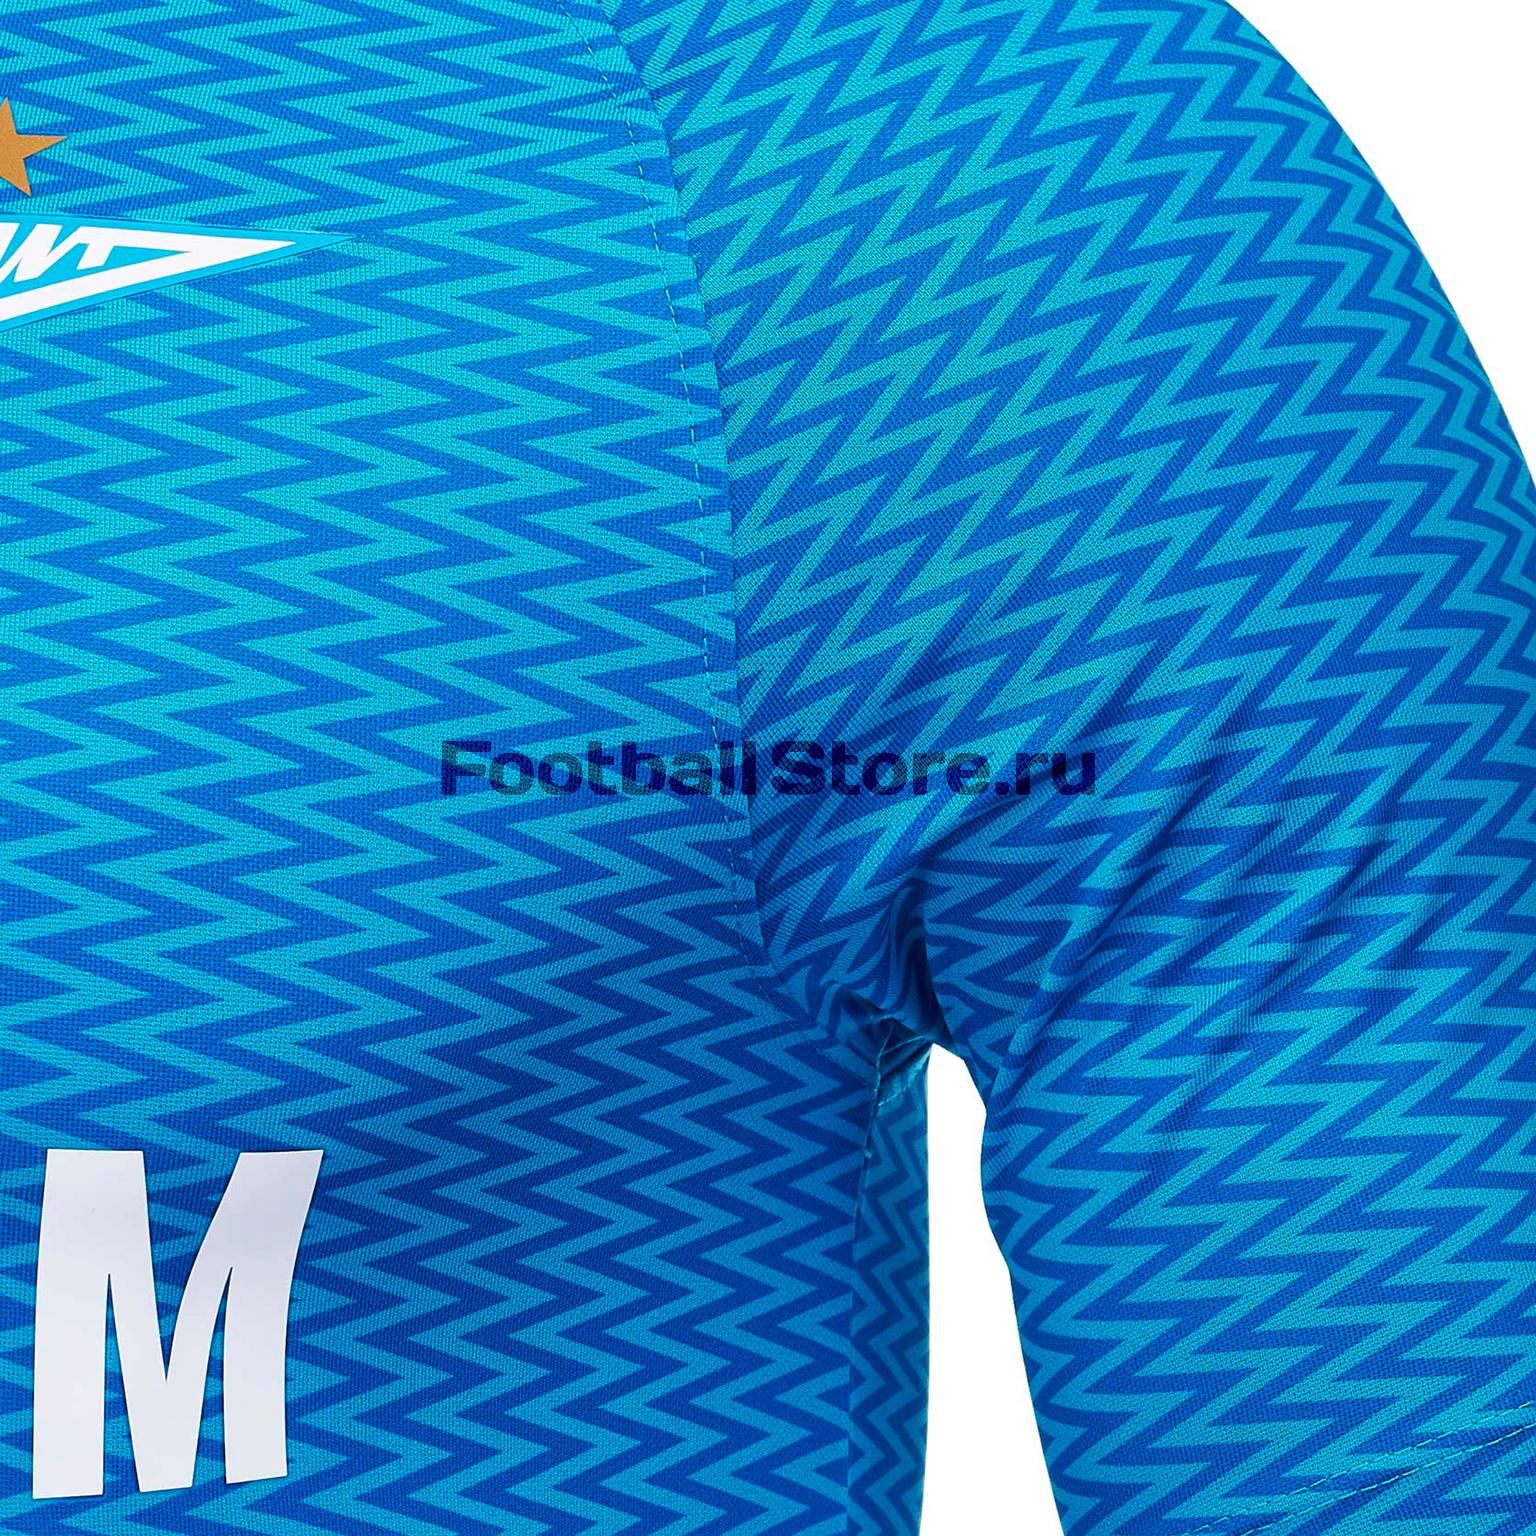 b7676b6e Реплика домашней игровой футболки Nike ФК